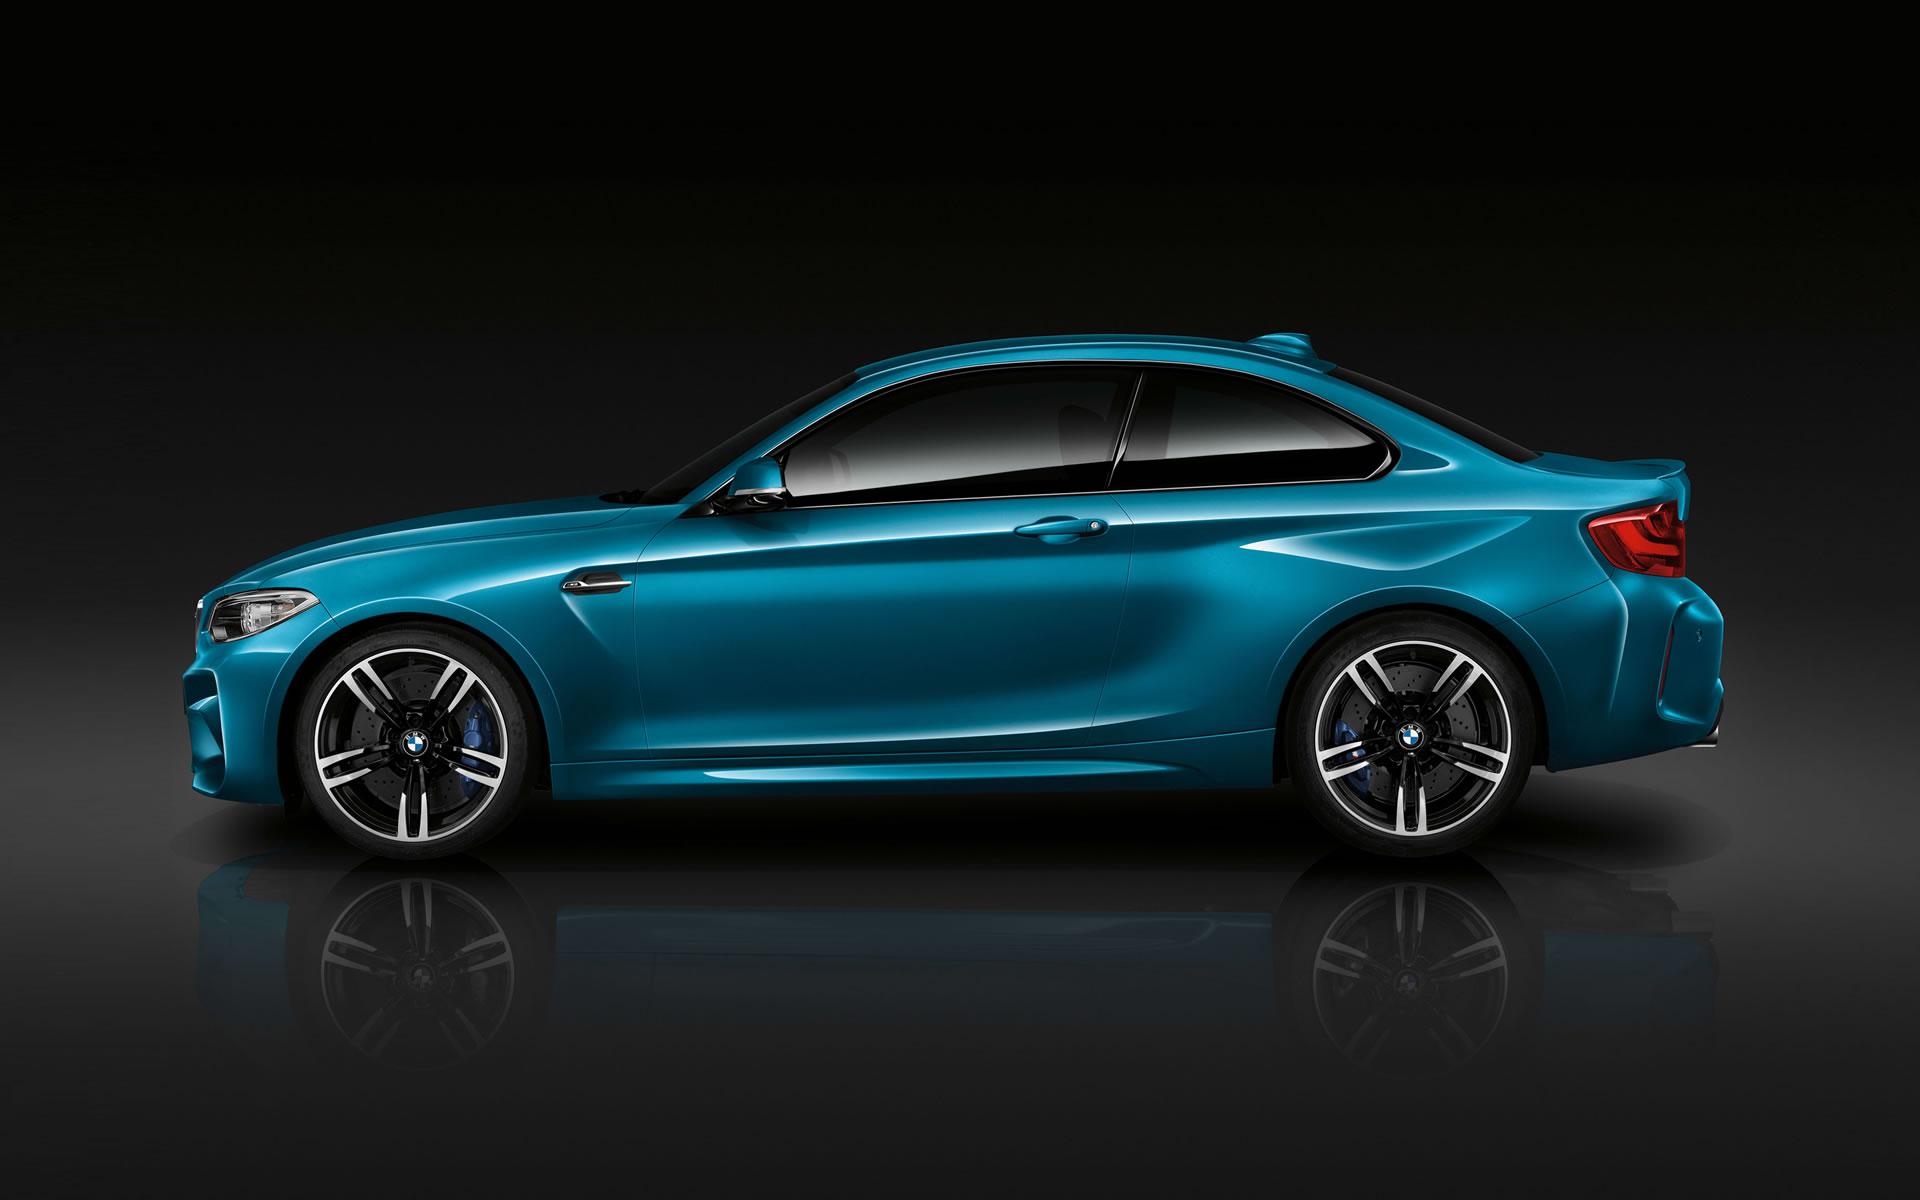 2016 BMW M2 Coupe Wallpaper   1920 x 1200 Long Beach Blue color side 1920x1200